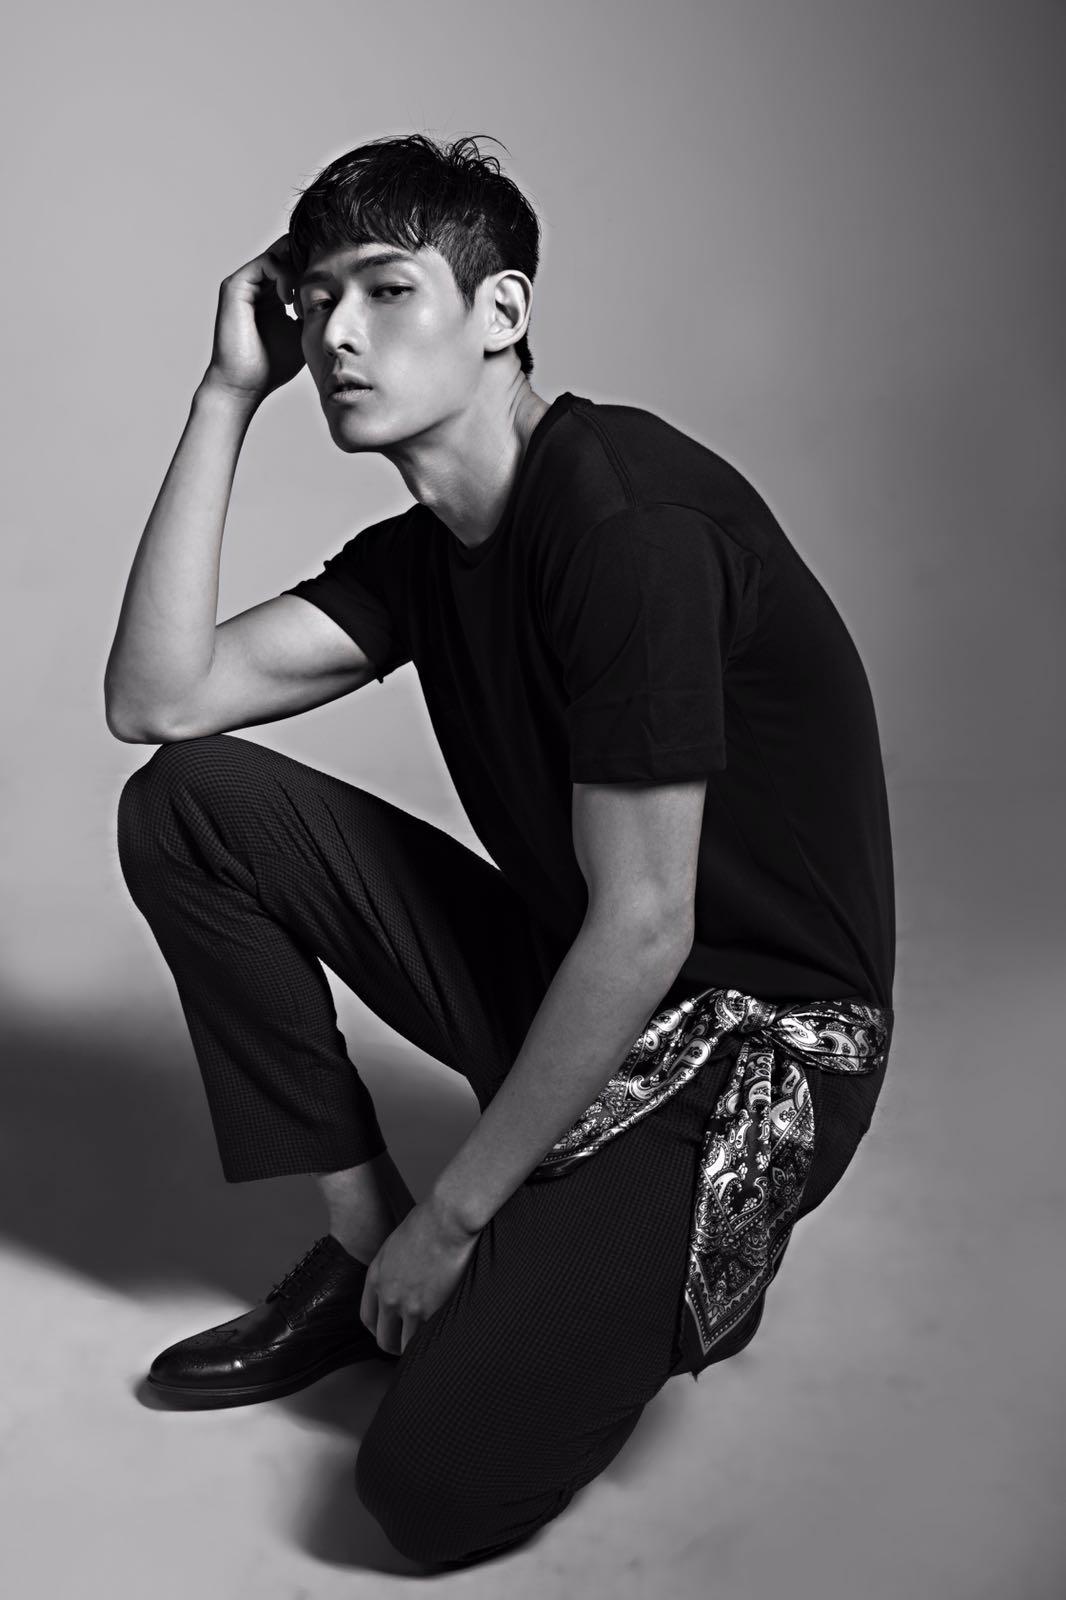 Daniel Sung